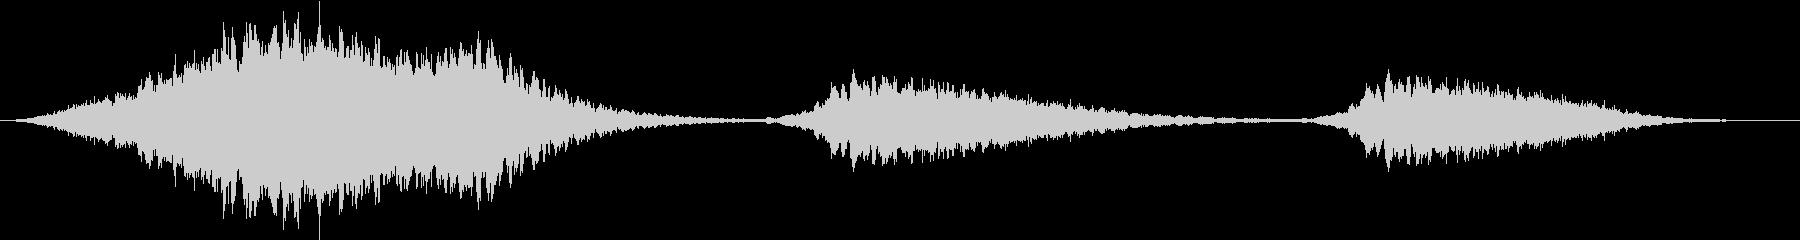 【ホラーゲーム】 ダークスケープ_15の未再生の波形